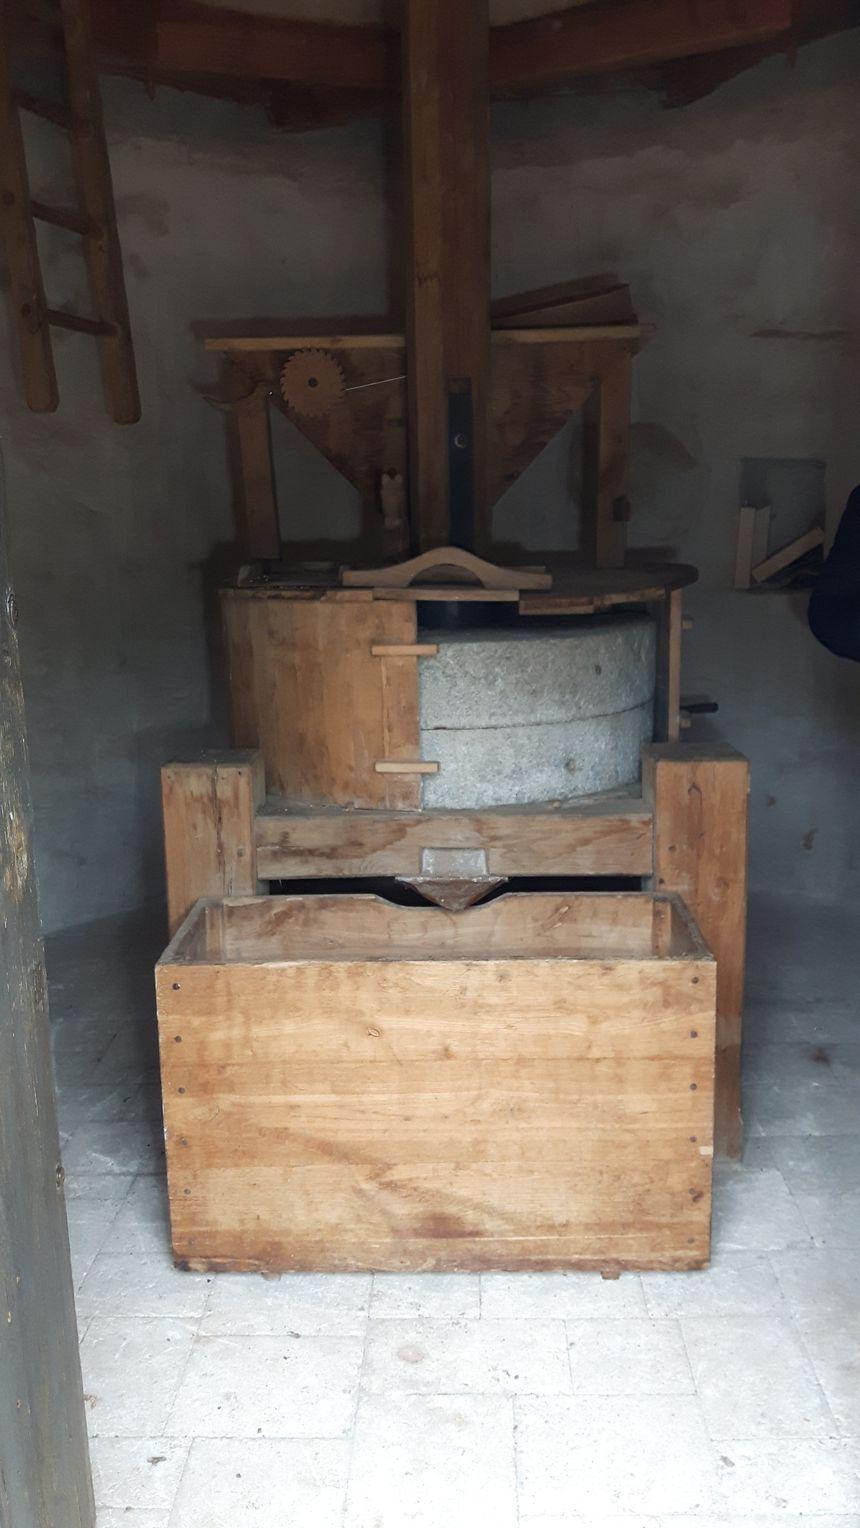 l'intérieur du moulin et le mécanisme pour la fabrication de la farine